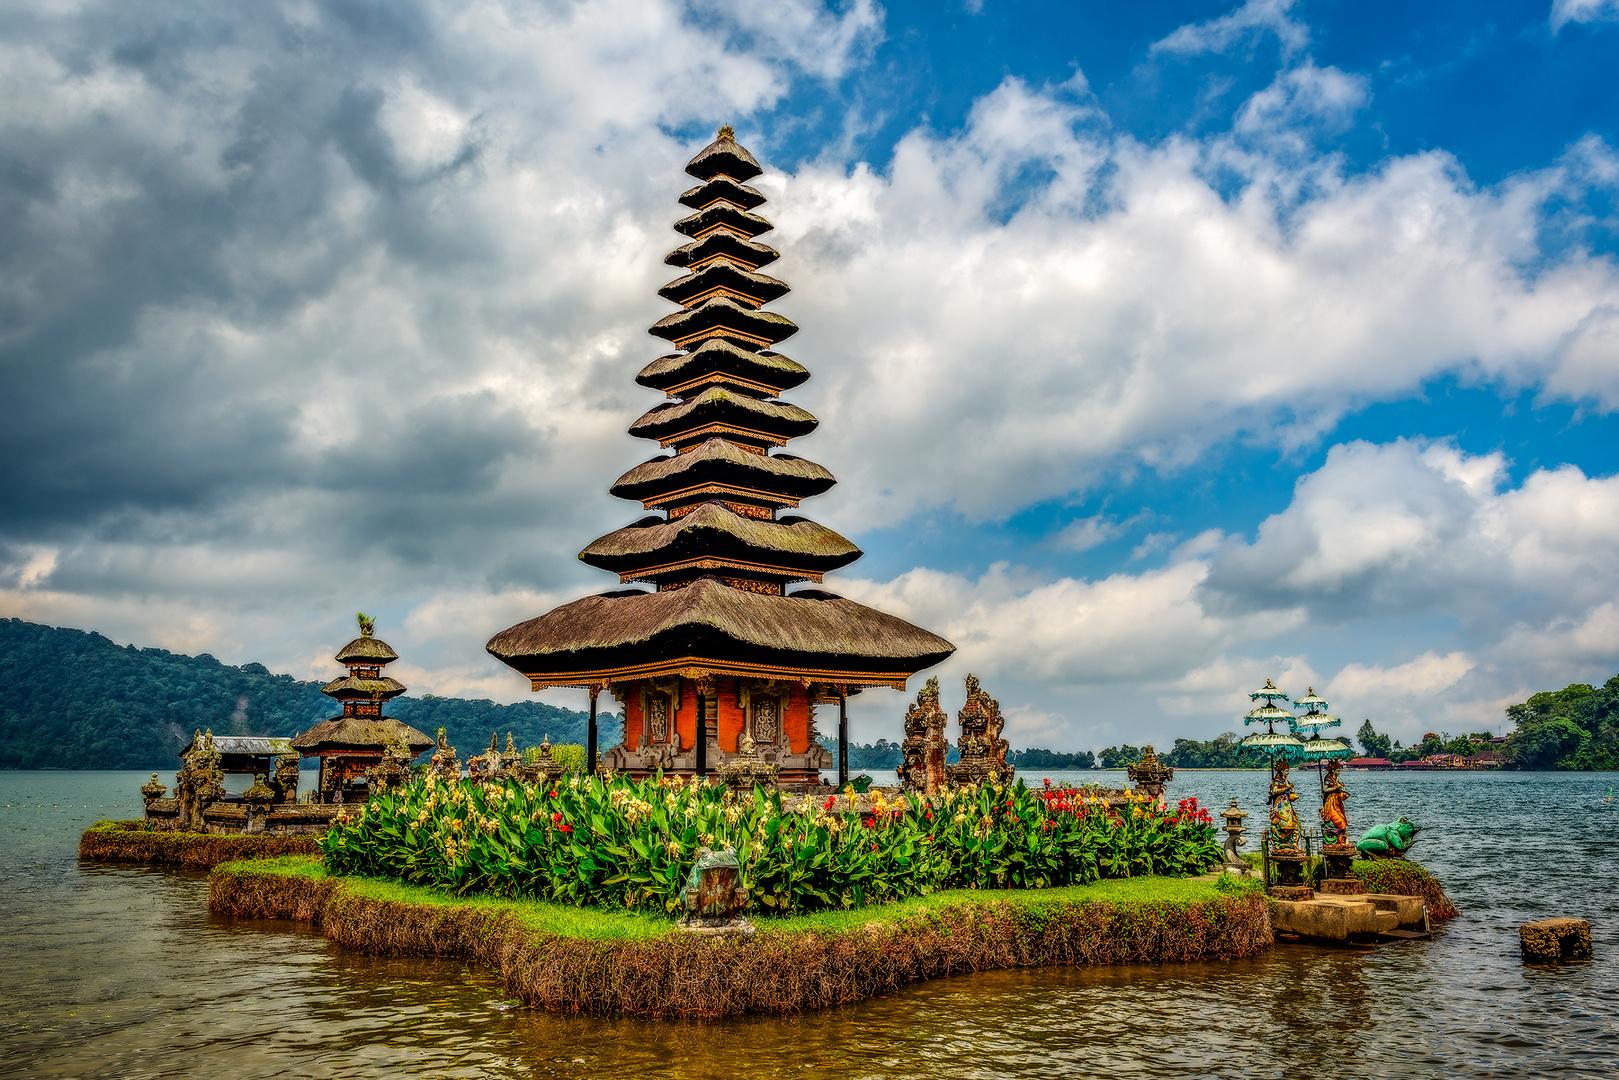 Bali Ulun Danu Bratan Temple